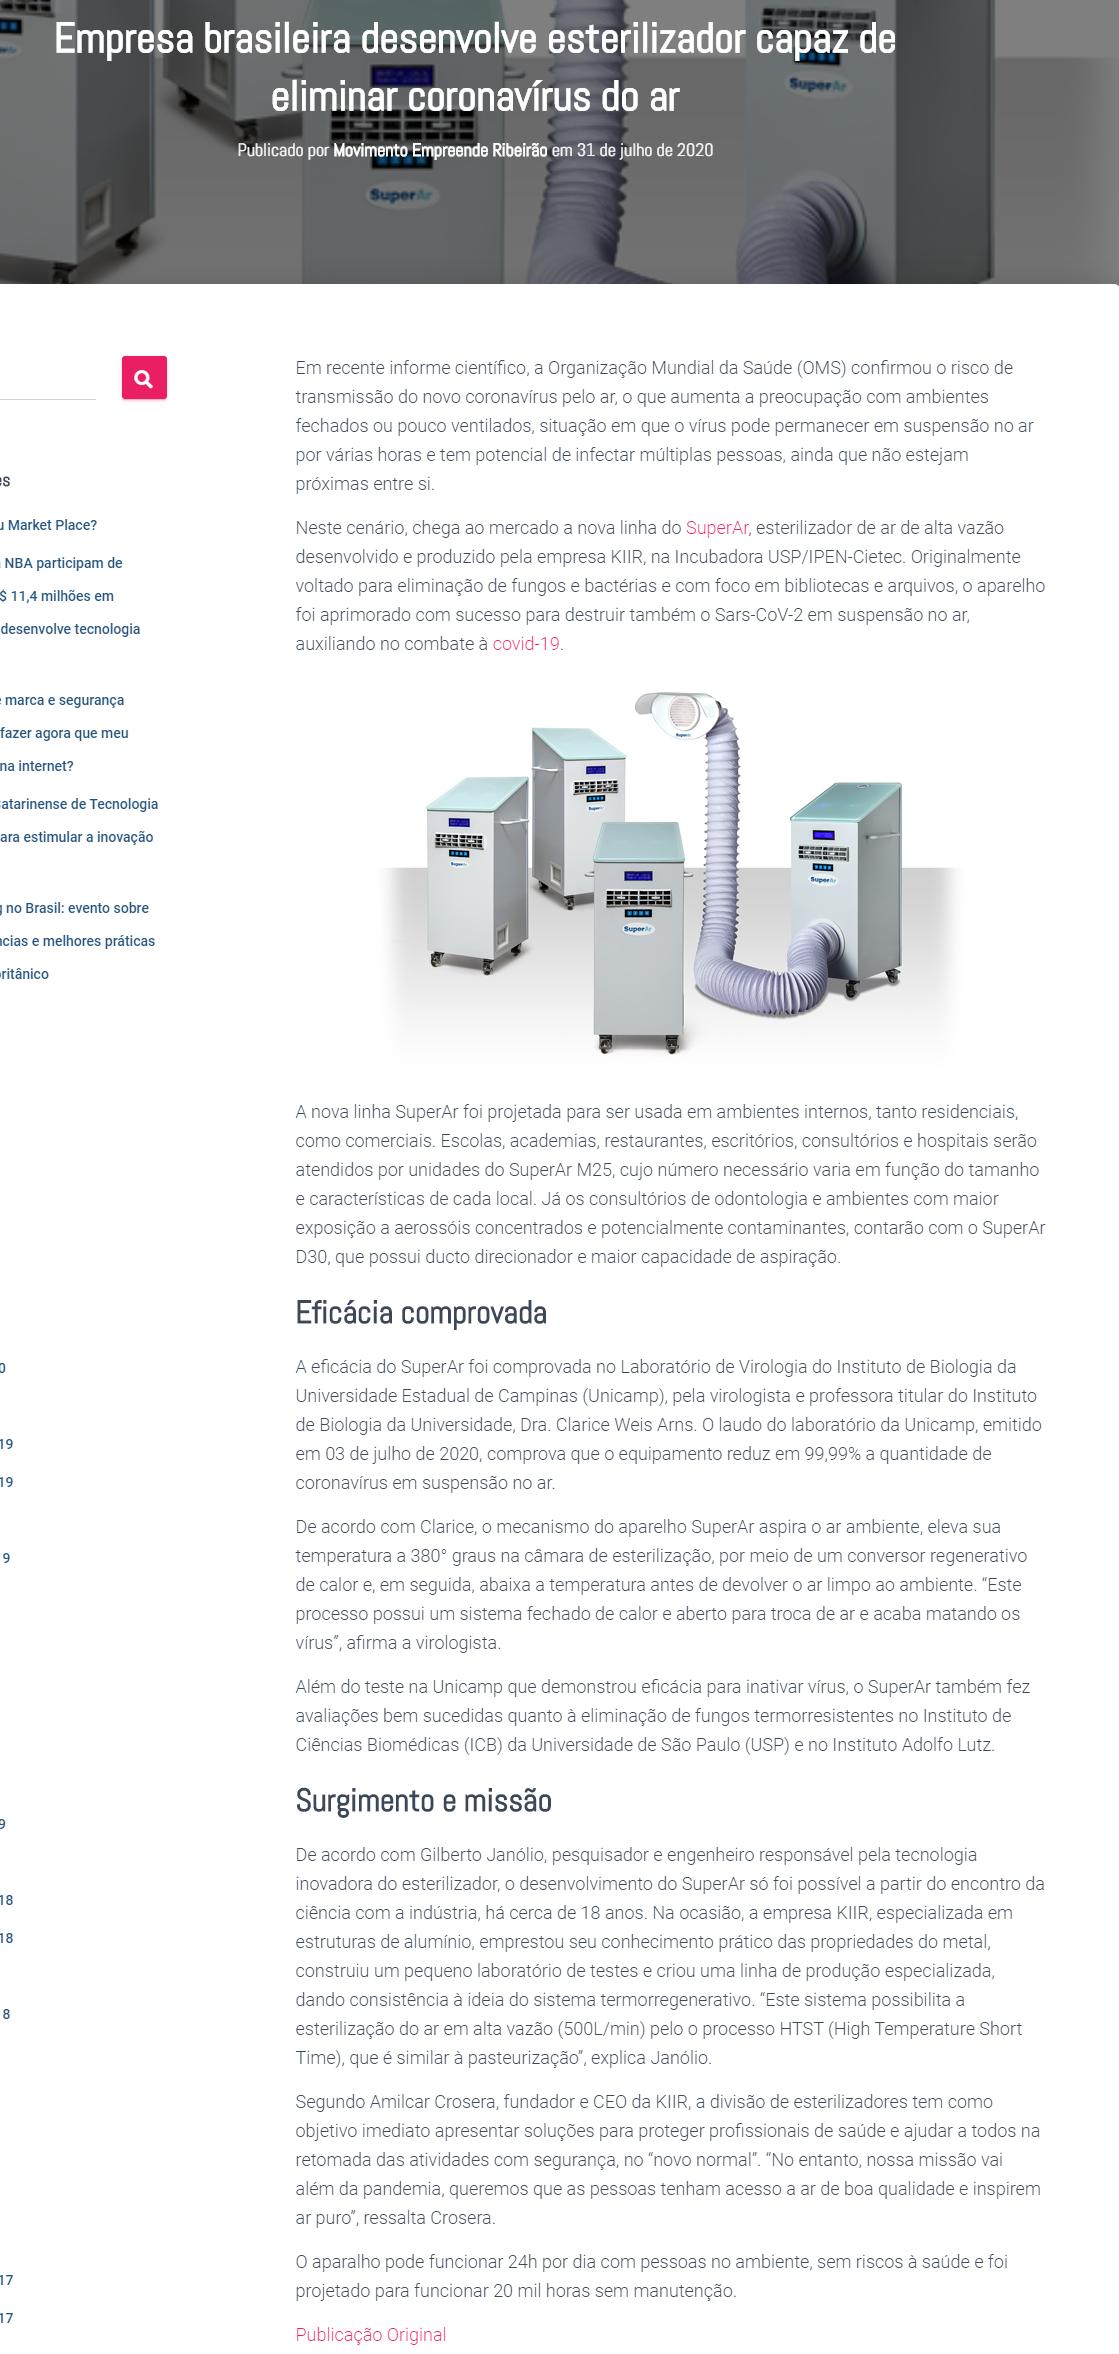 Empresa brasileira desenvolve esterilizador capaz de eliminar coronavírus do ar - Mover